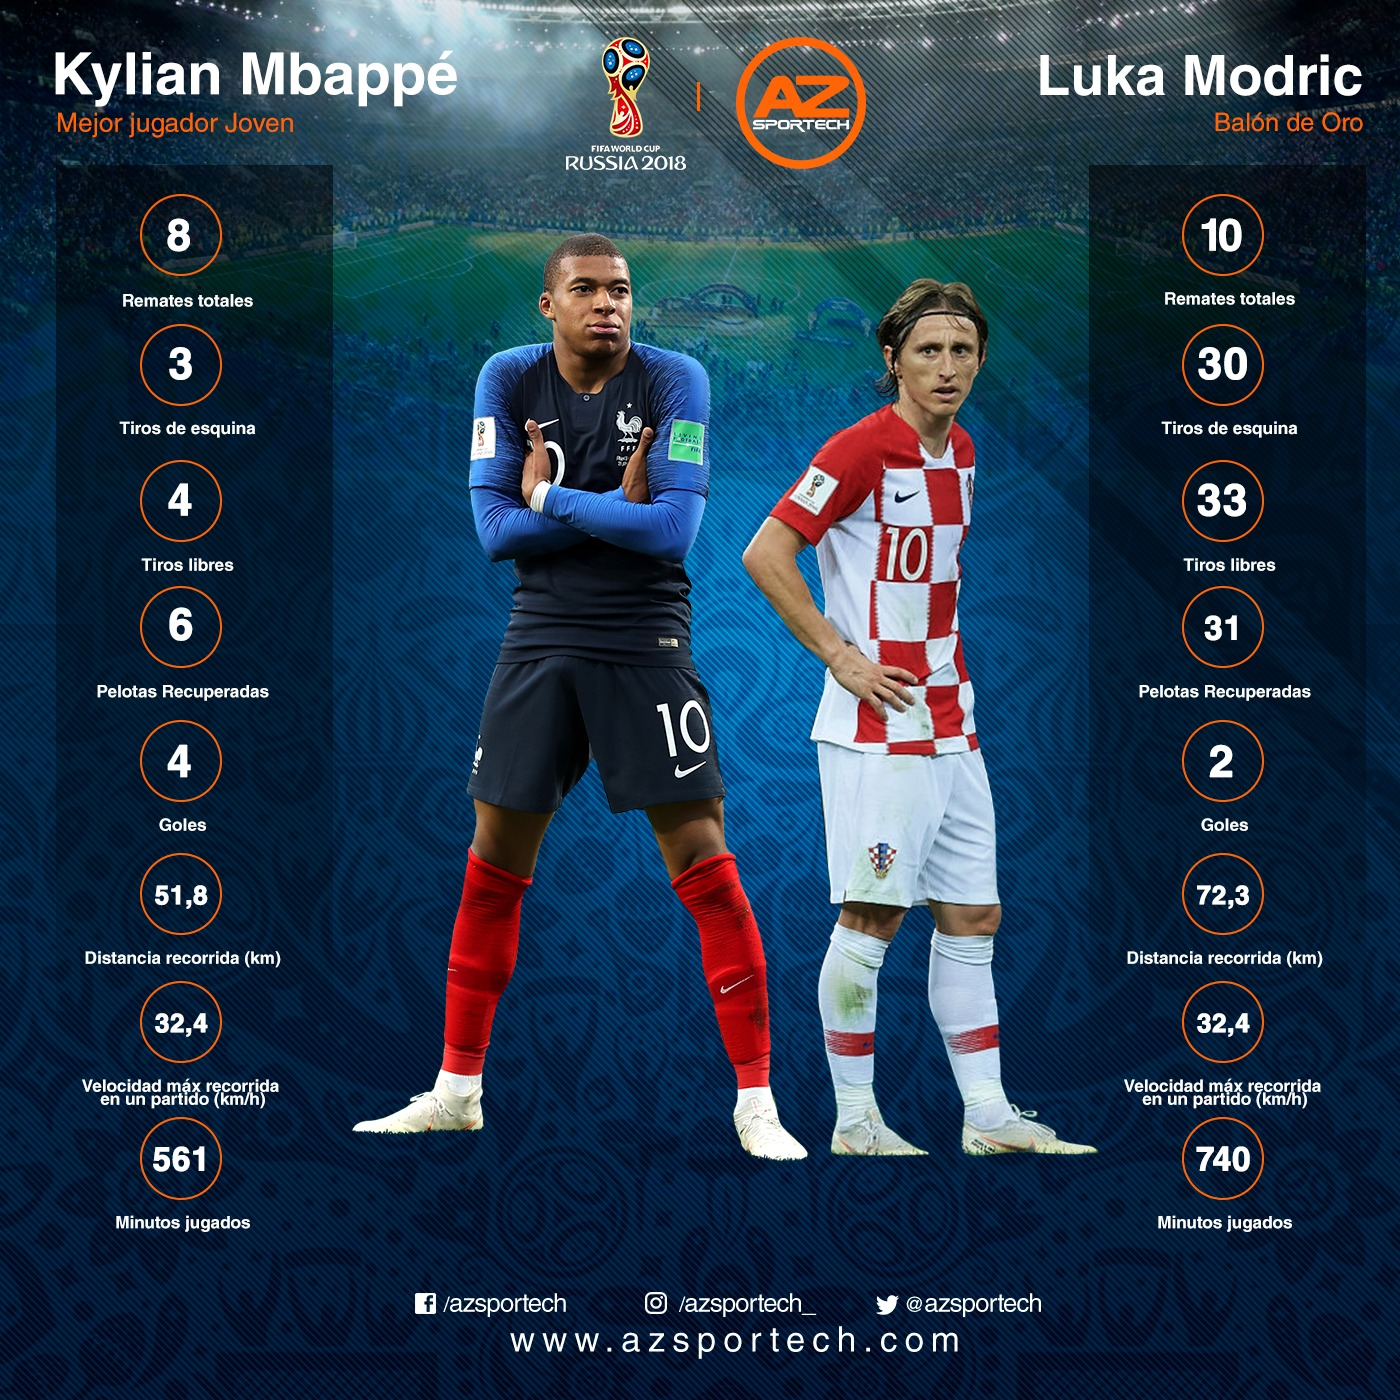 Mundial de Rusia 2018 Mbappé y Modric